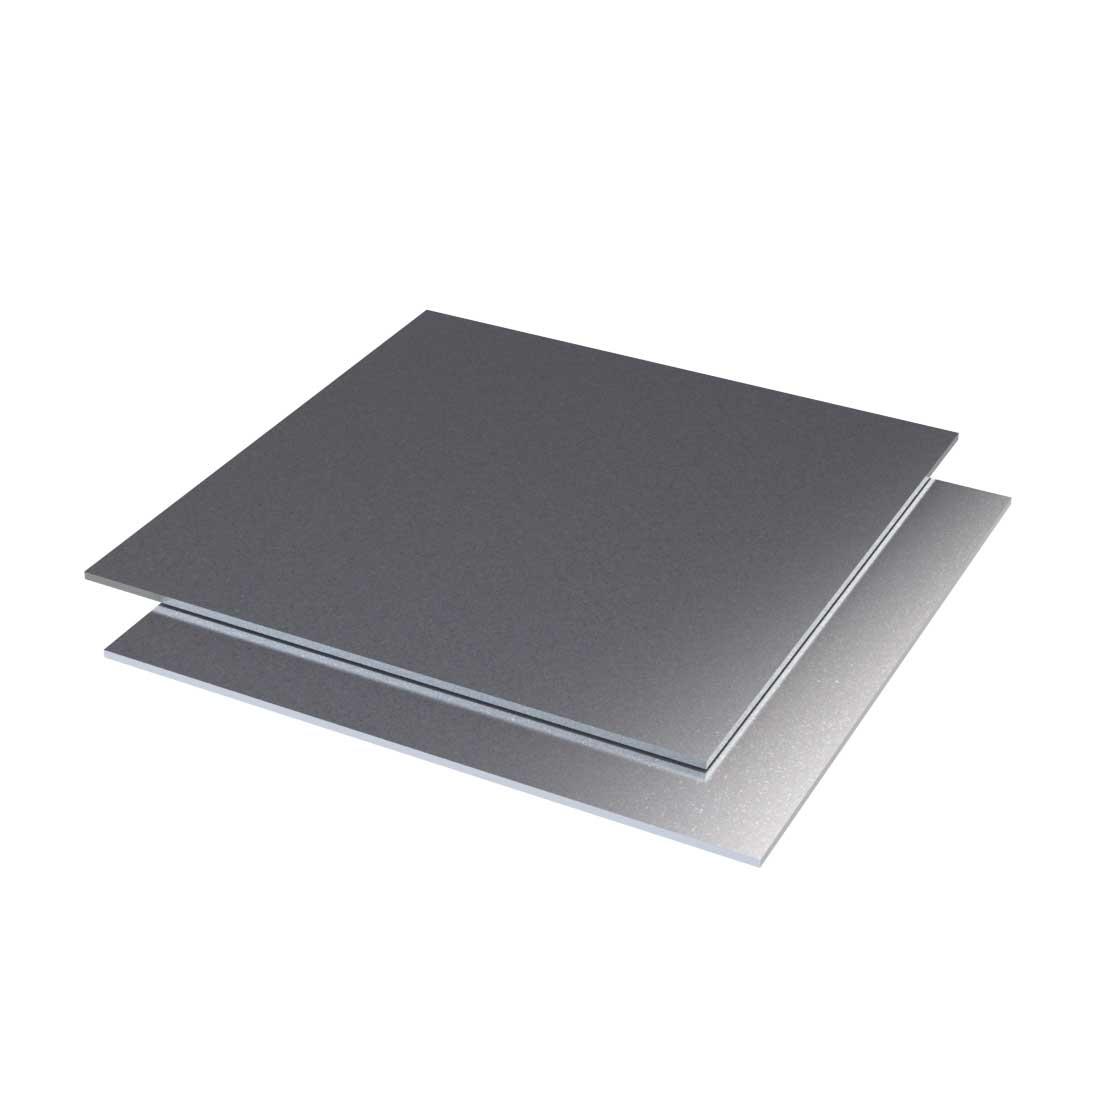 Signicolor Aluminium Plaat Zilver Metallic 2923-40 3000x1500x2mm